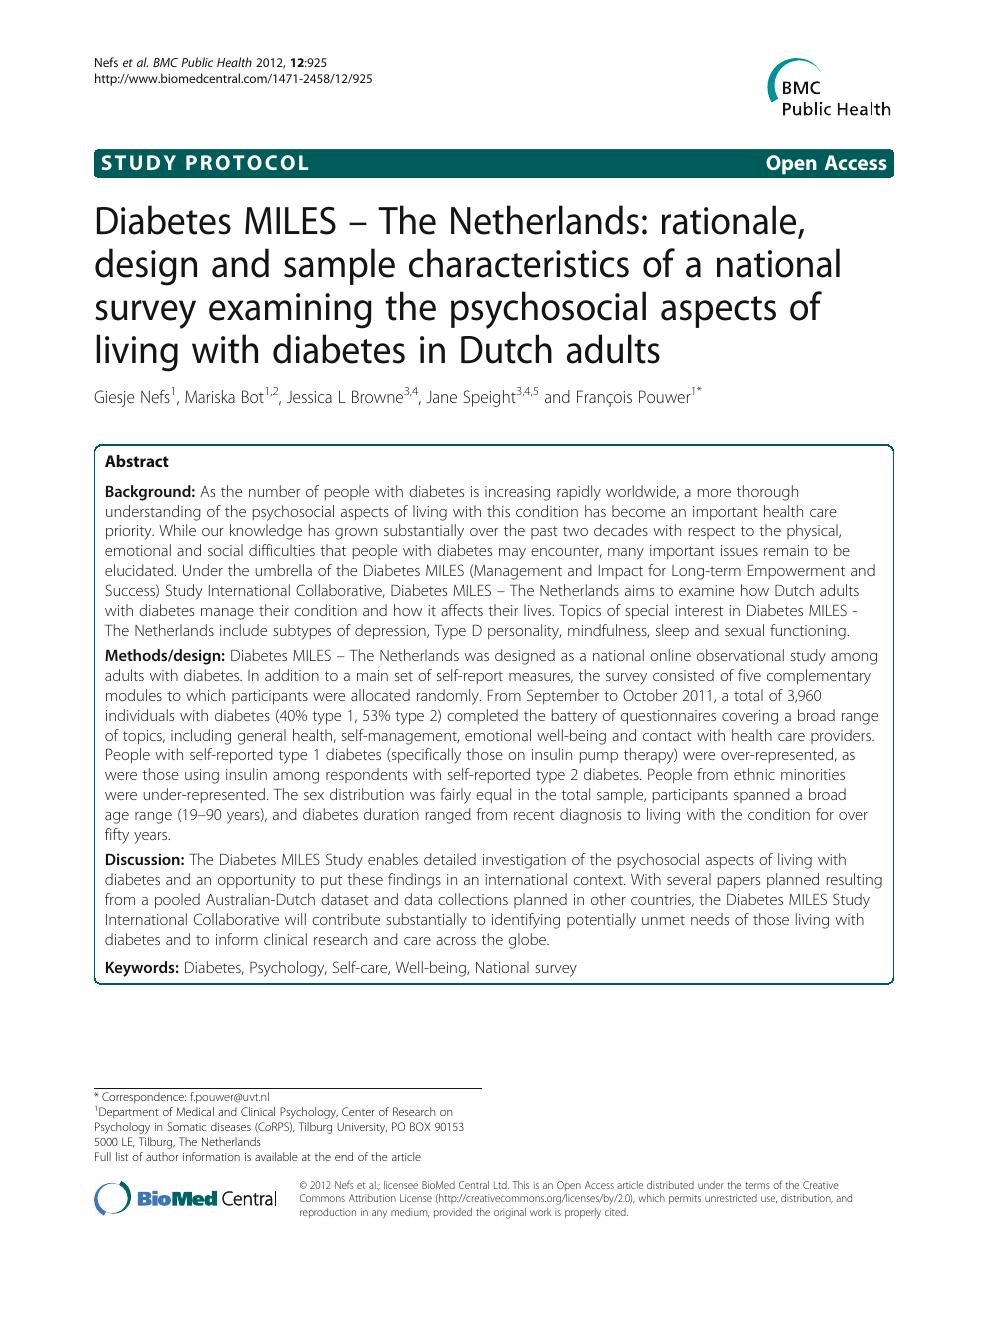 diabetes centrum bilthoven nl